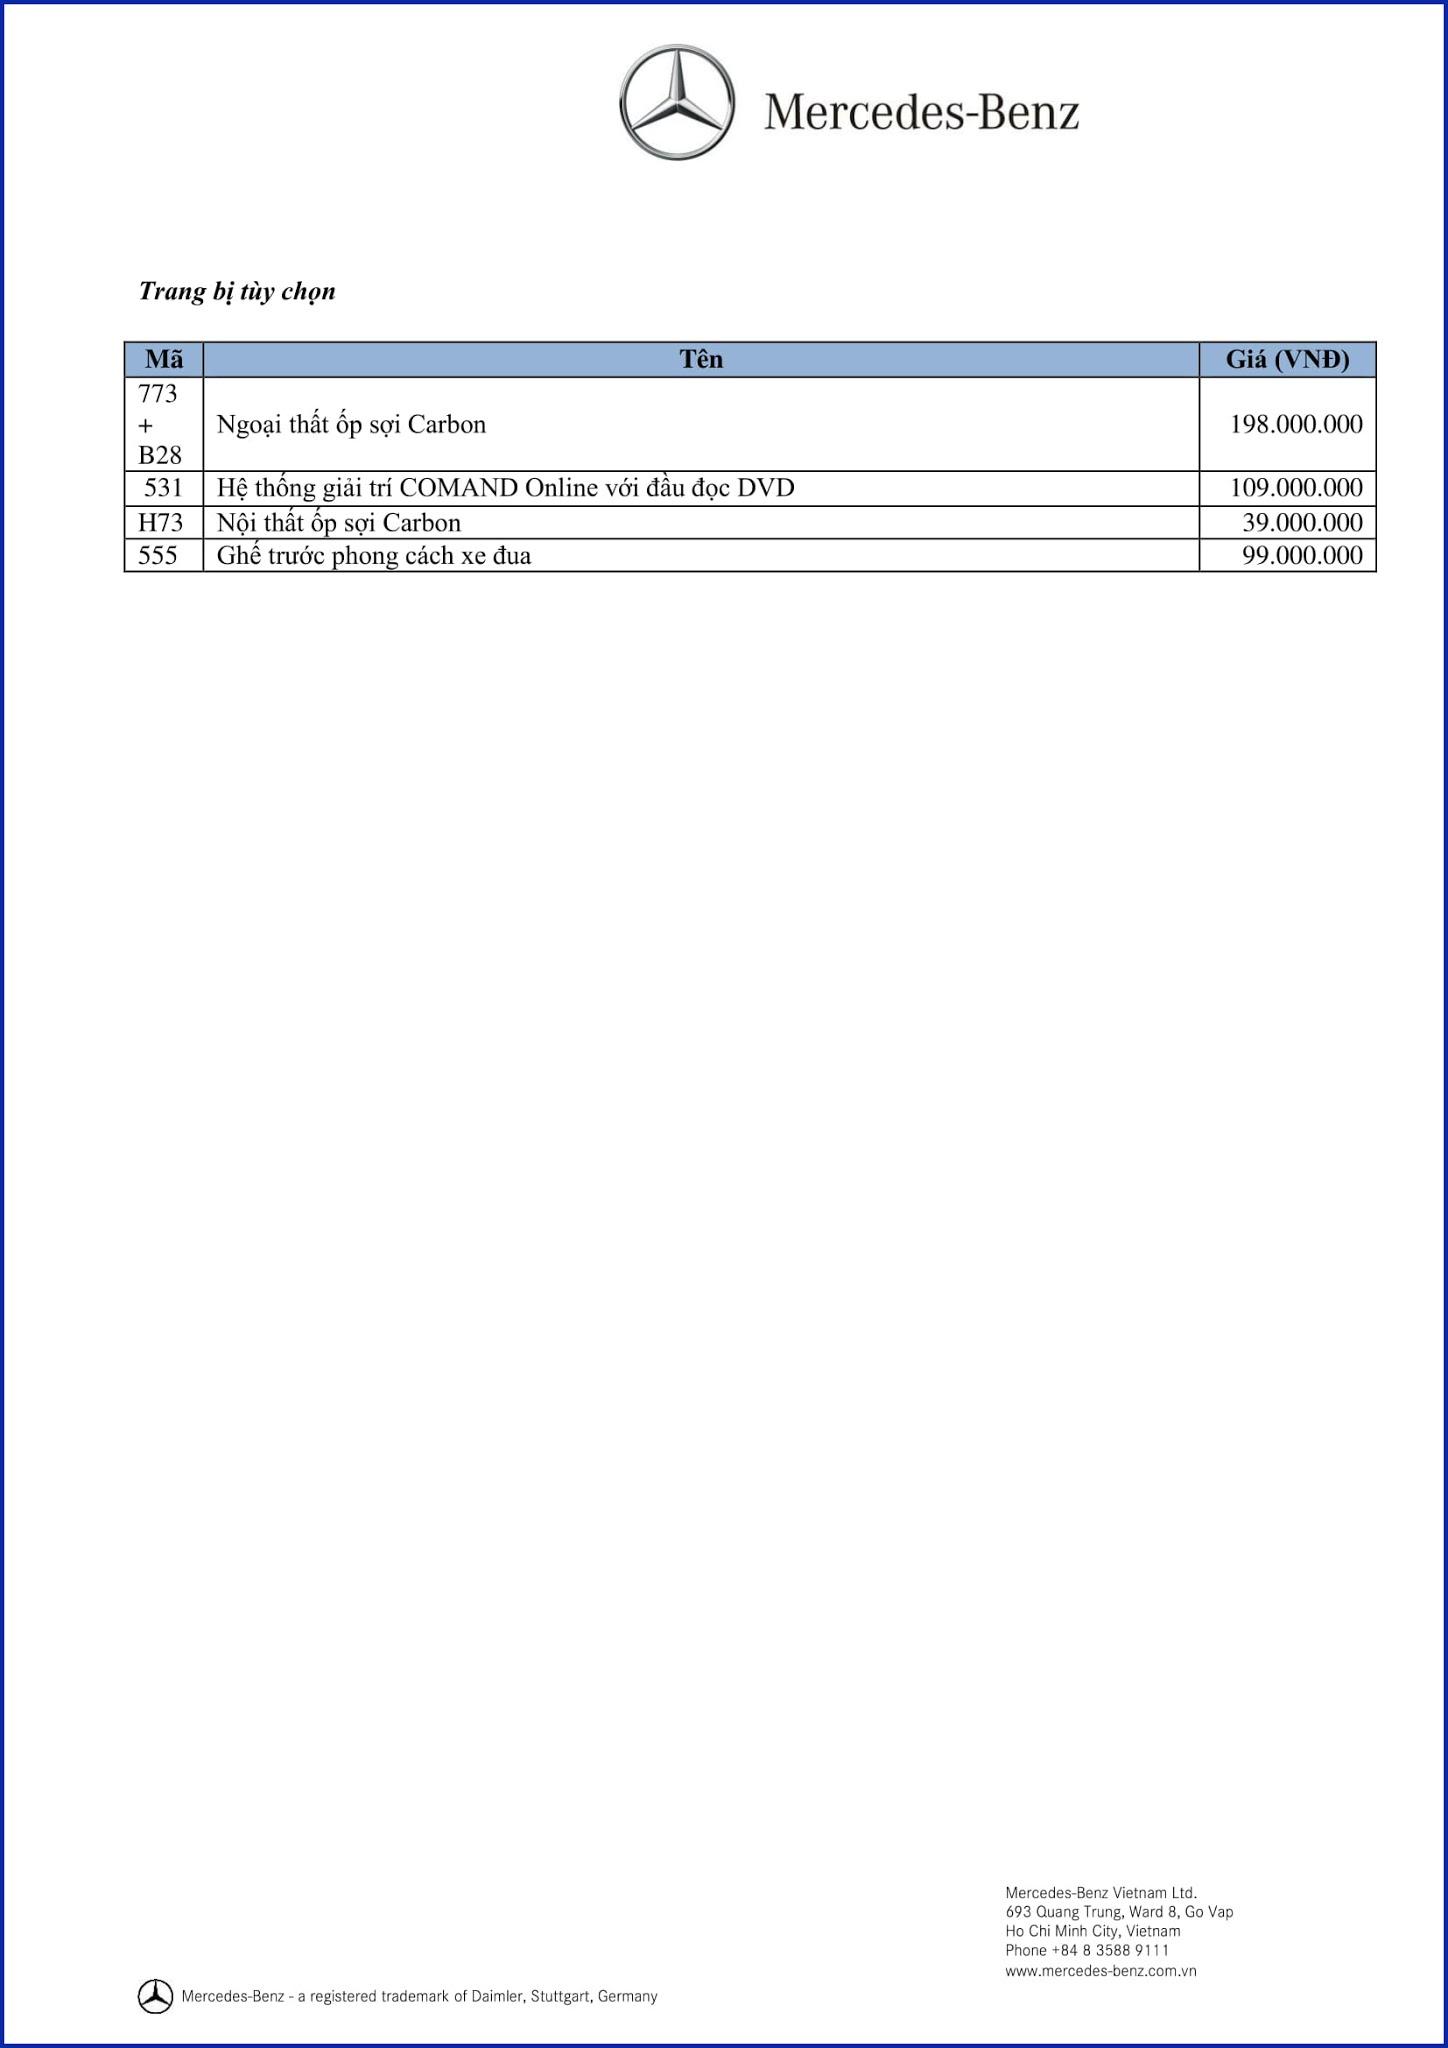 Bảng thông số kỹ thuật Mercedes AMG GLA 45 4MATIC 2017 tại Mercedes Trường Chinh